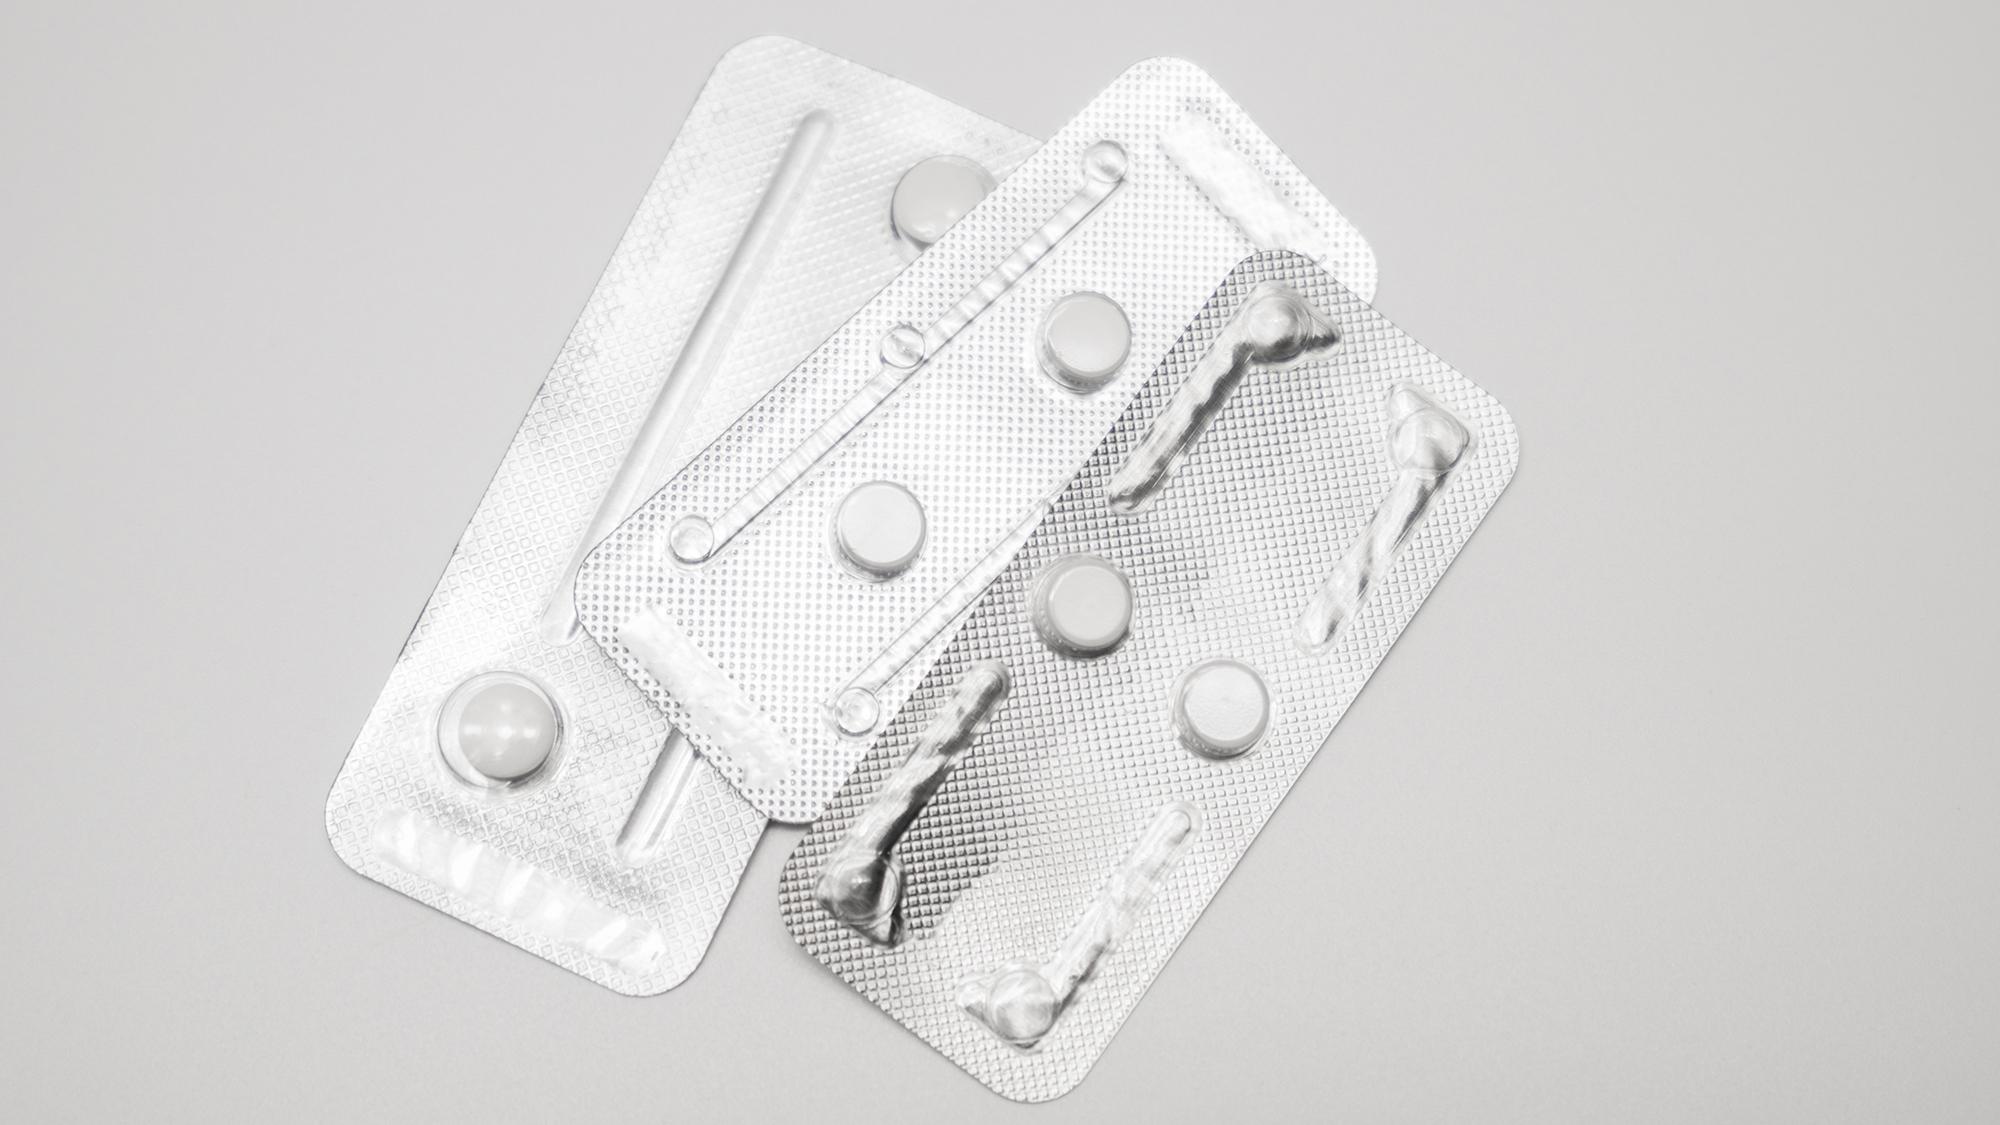 Pille danach durch Pille danach